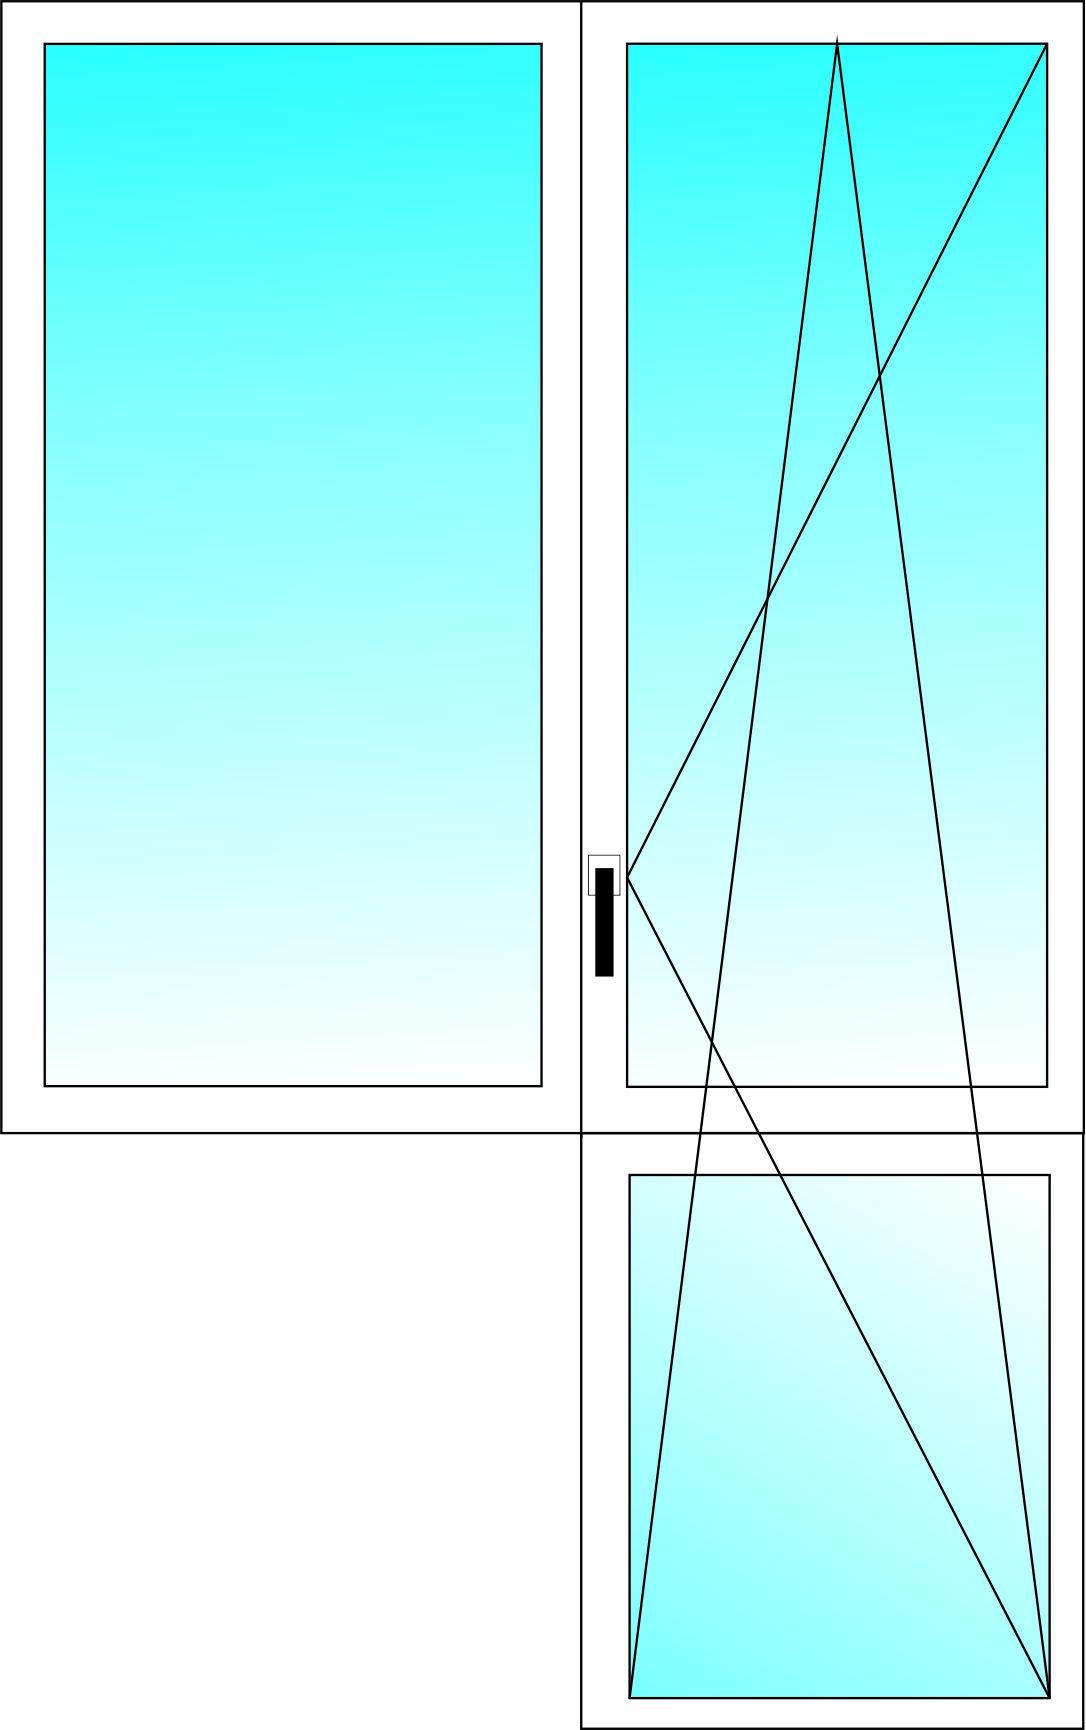 Балконный блок WDS 300 3-х камерный профиль с двухкамерным энергосберегающим стеклопакетом 1400х1350, 2150х700 мм